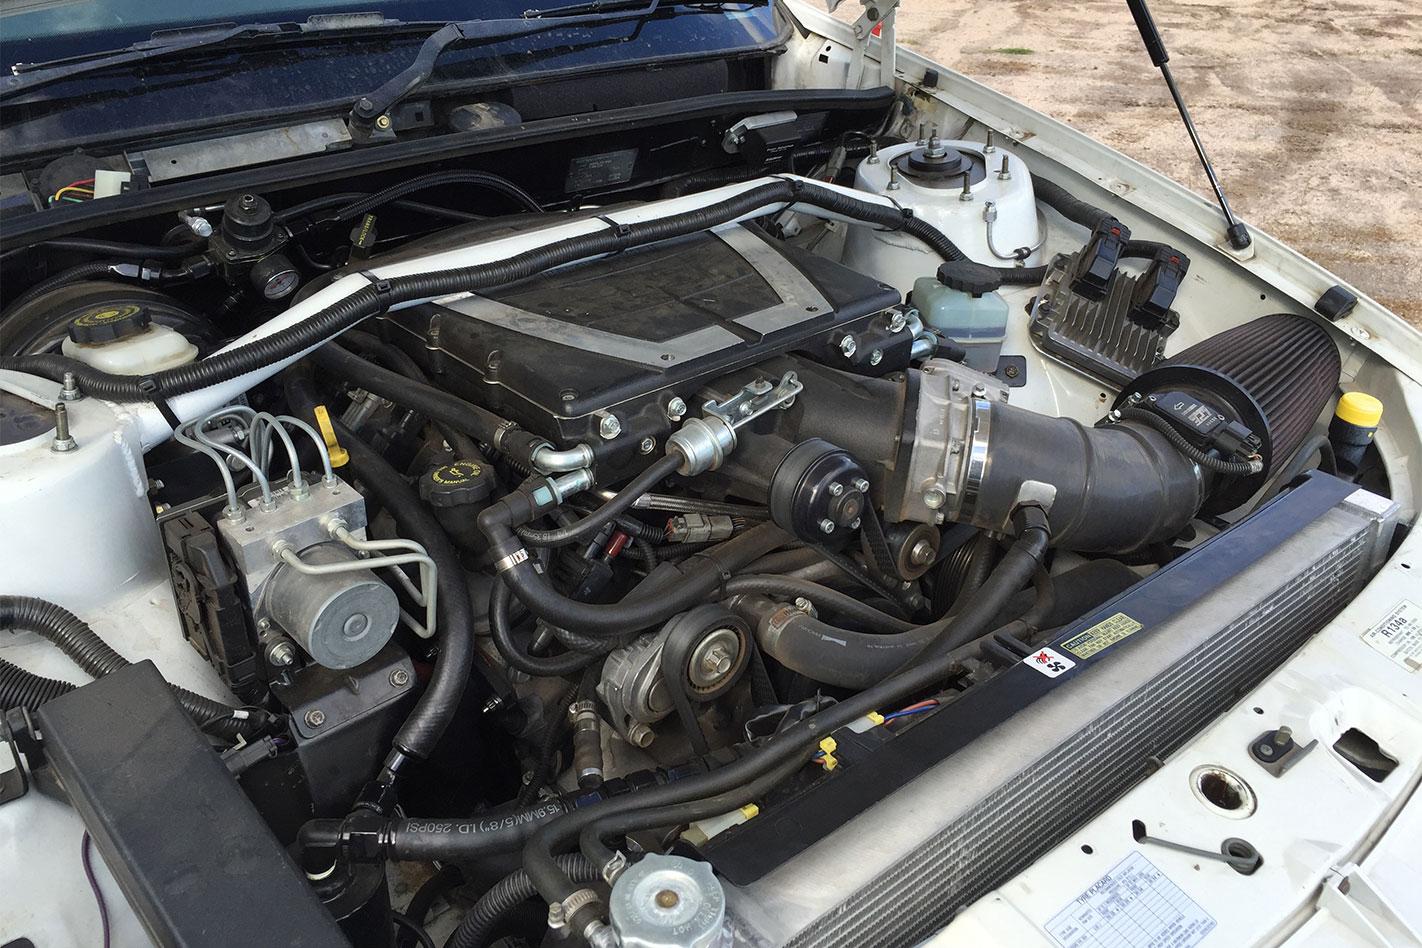 Toyota -Lexcen -V8-AWD-engine